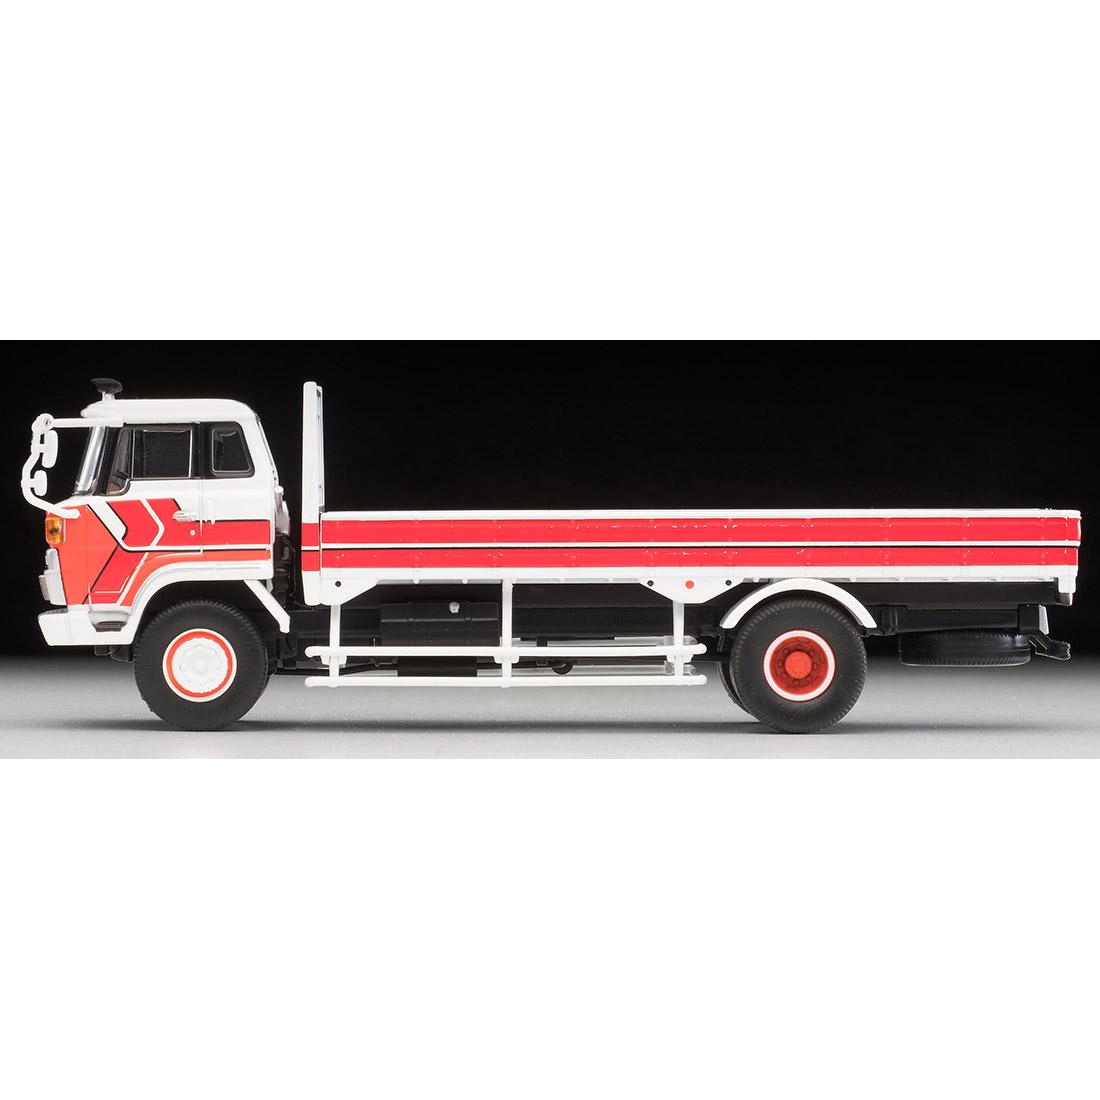 トミカリミテッド ヴィンテージ ネオ TLV-NEO『LV-N44d 日野KB324型トラック(赤/白)』ミニカー-006